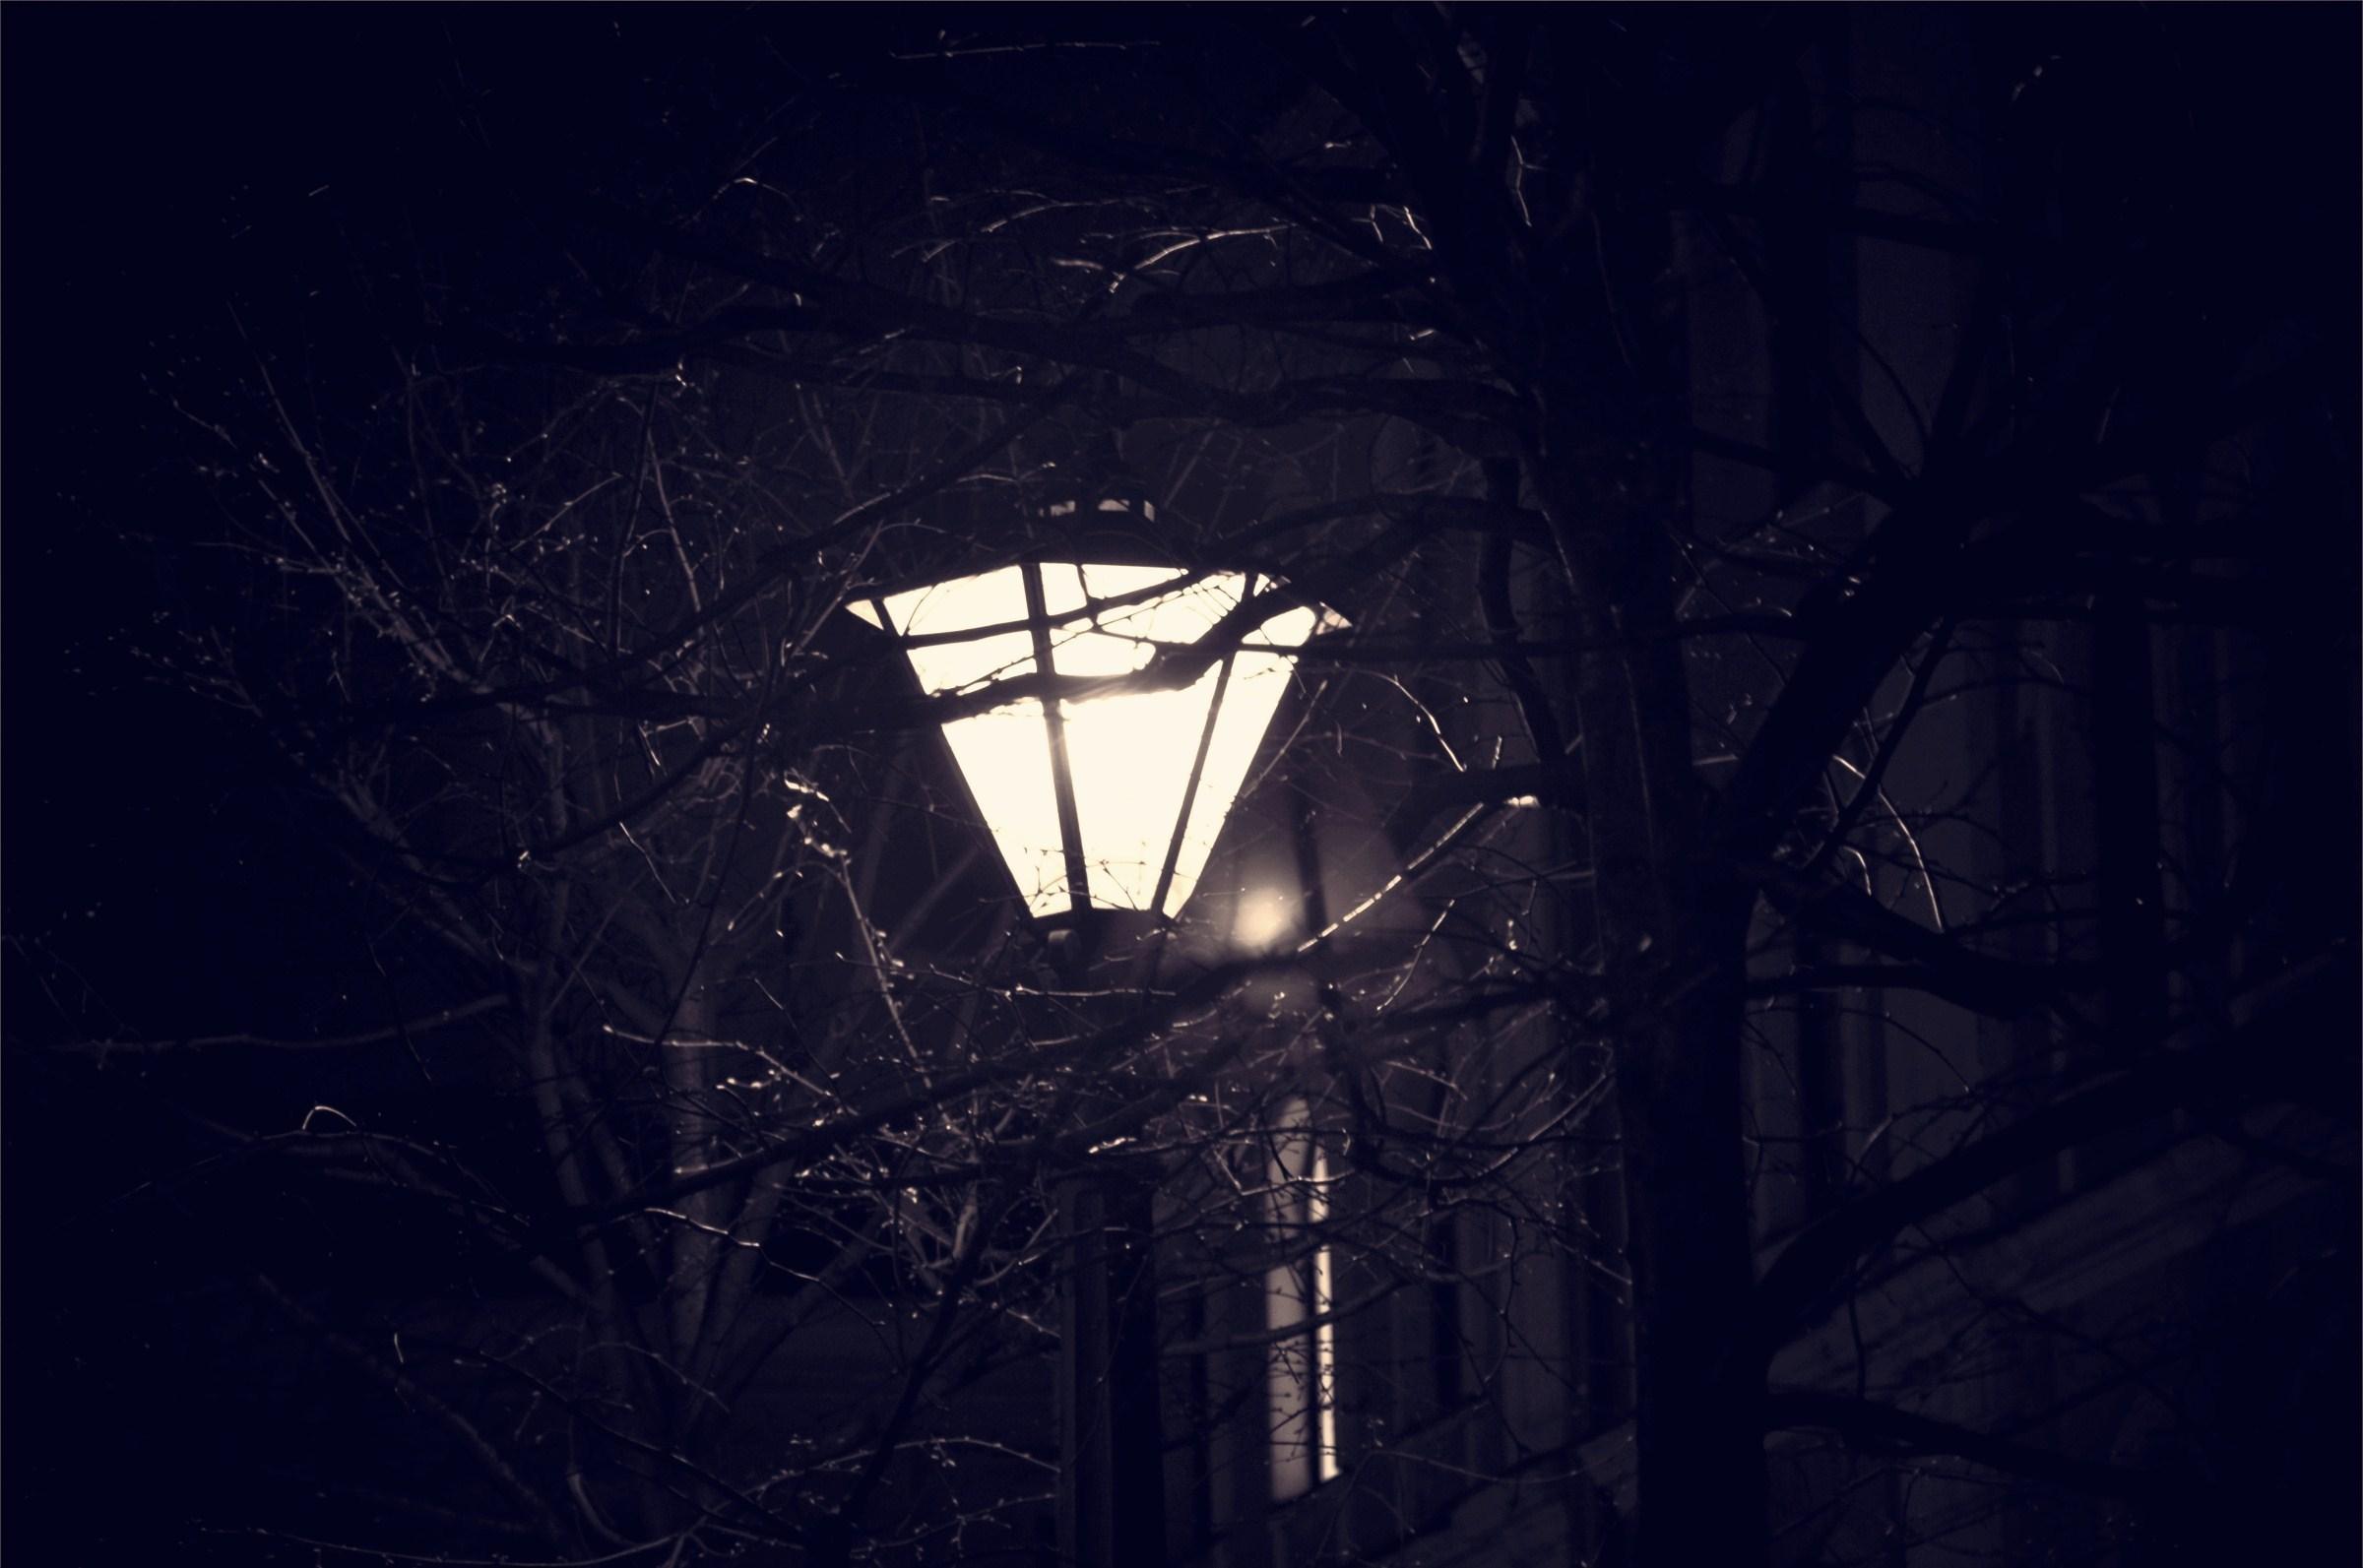 картинка фонарь во тьме талант чистую, настоящую